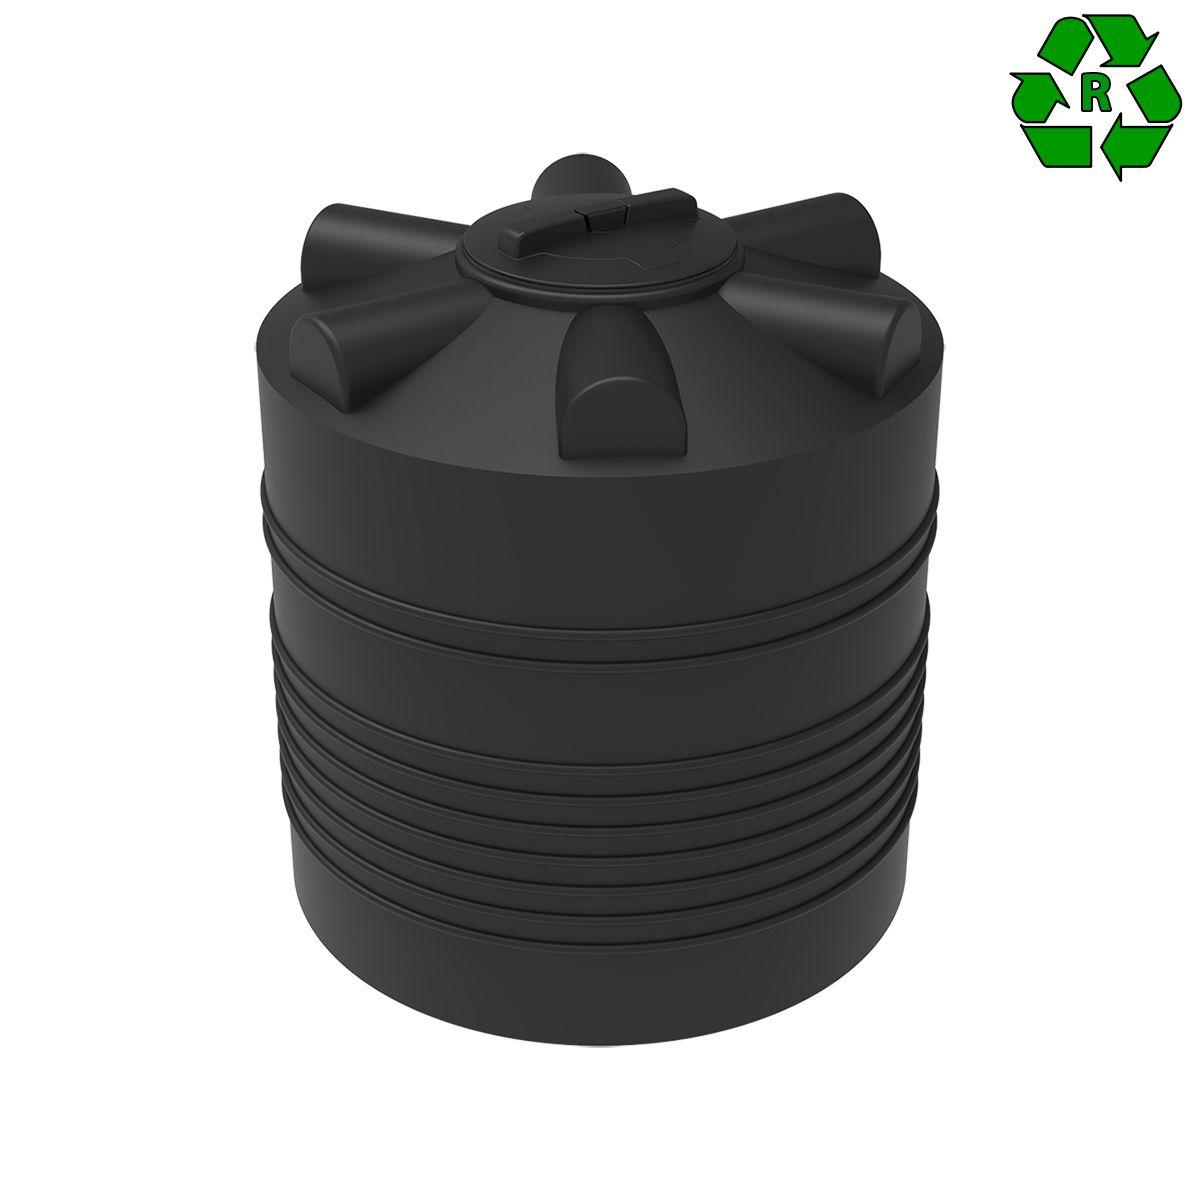 Емкость R ЭВЛ 500 литров